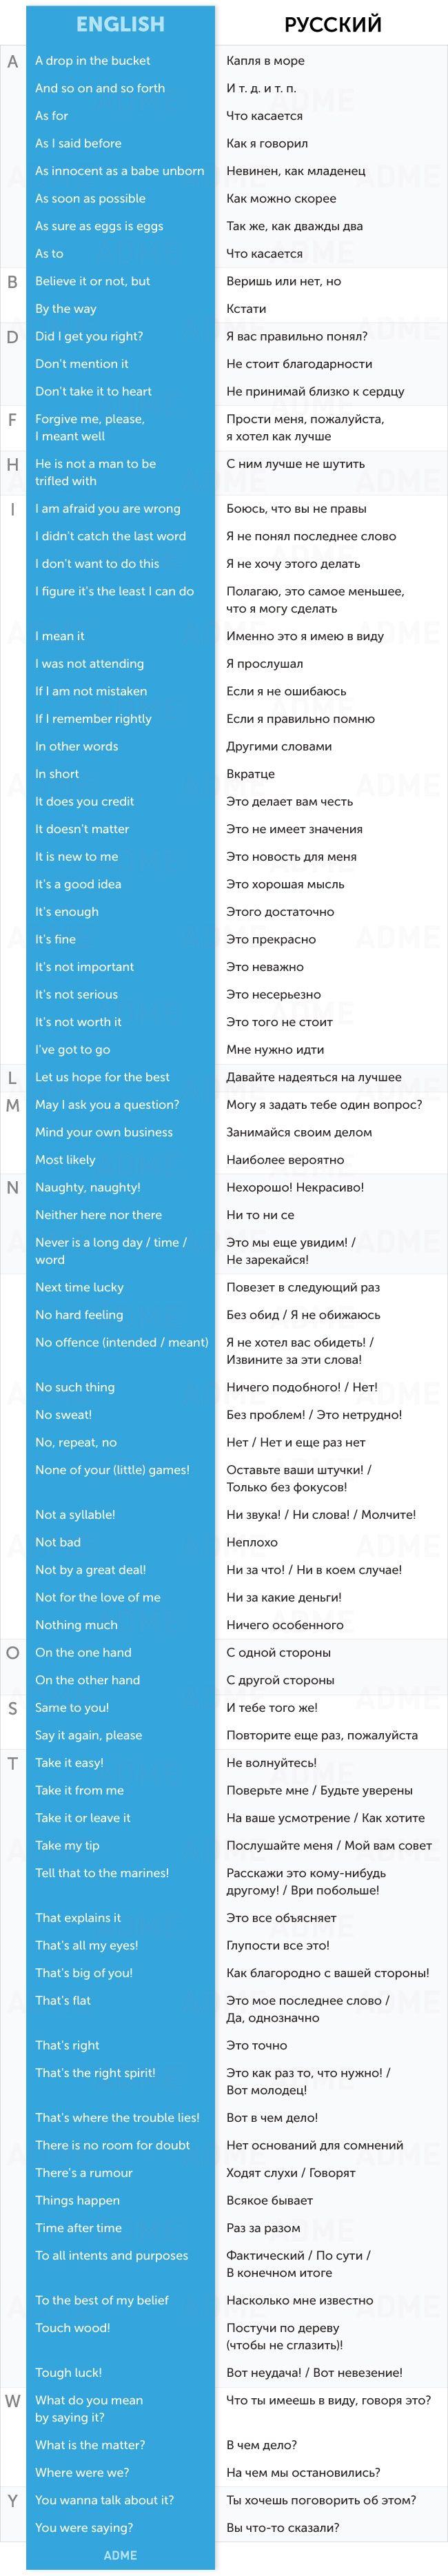 80полезных фраз, чтобы поддержать диалог наанглийском